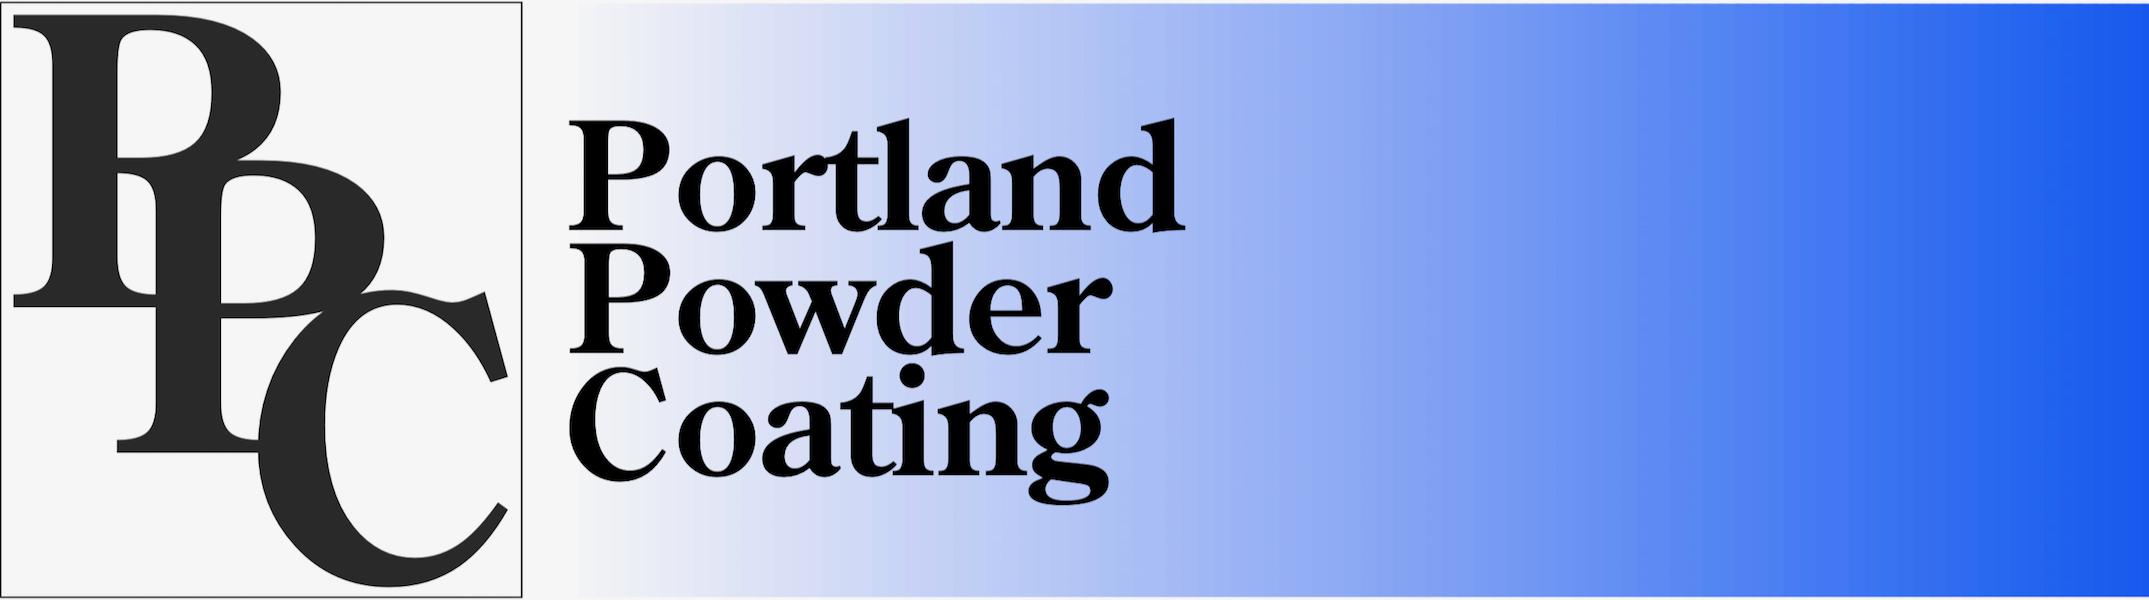 Portland Powder